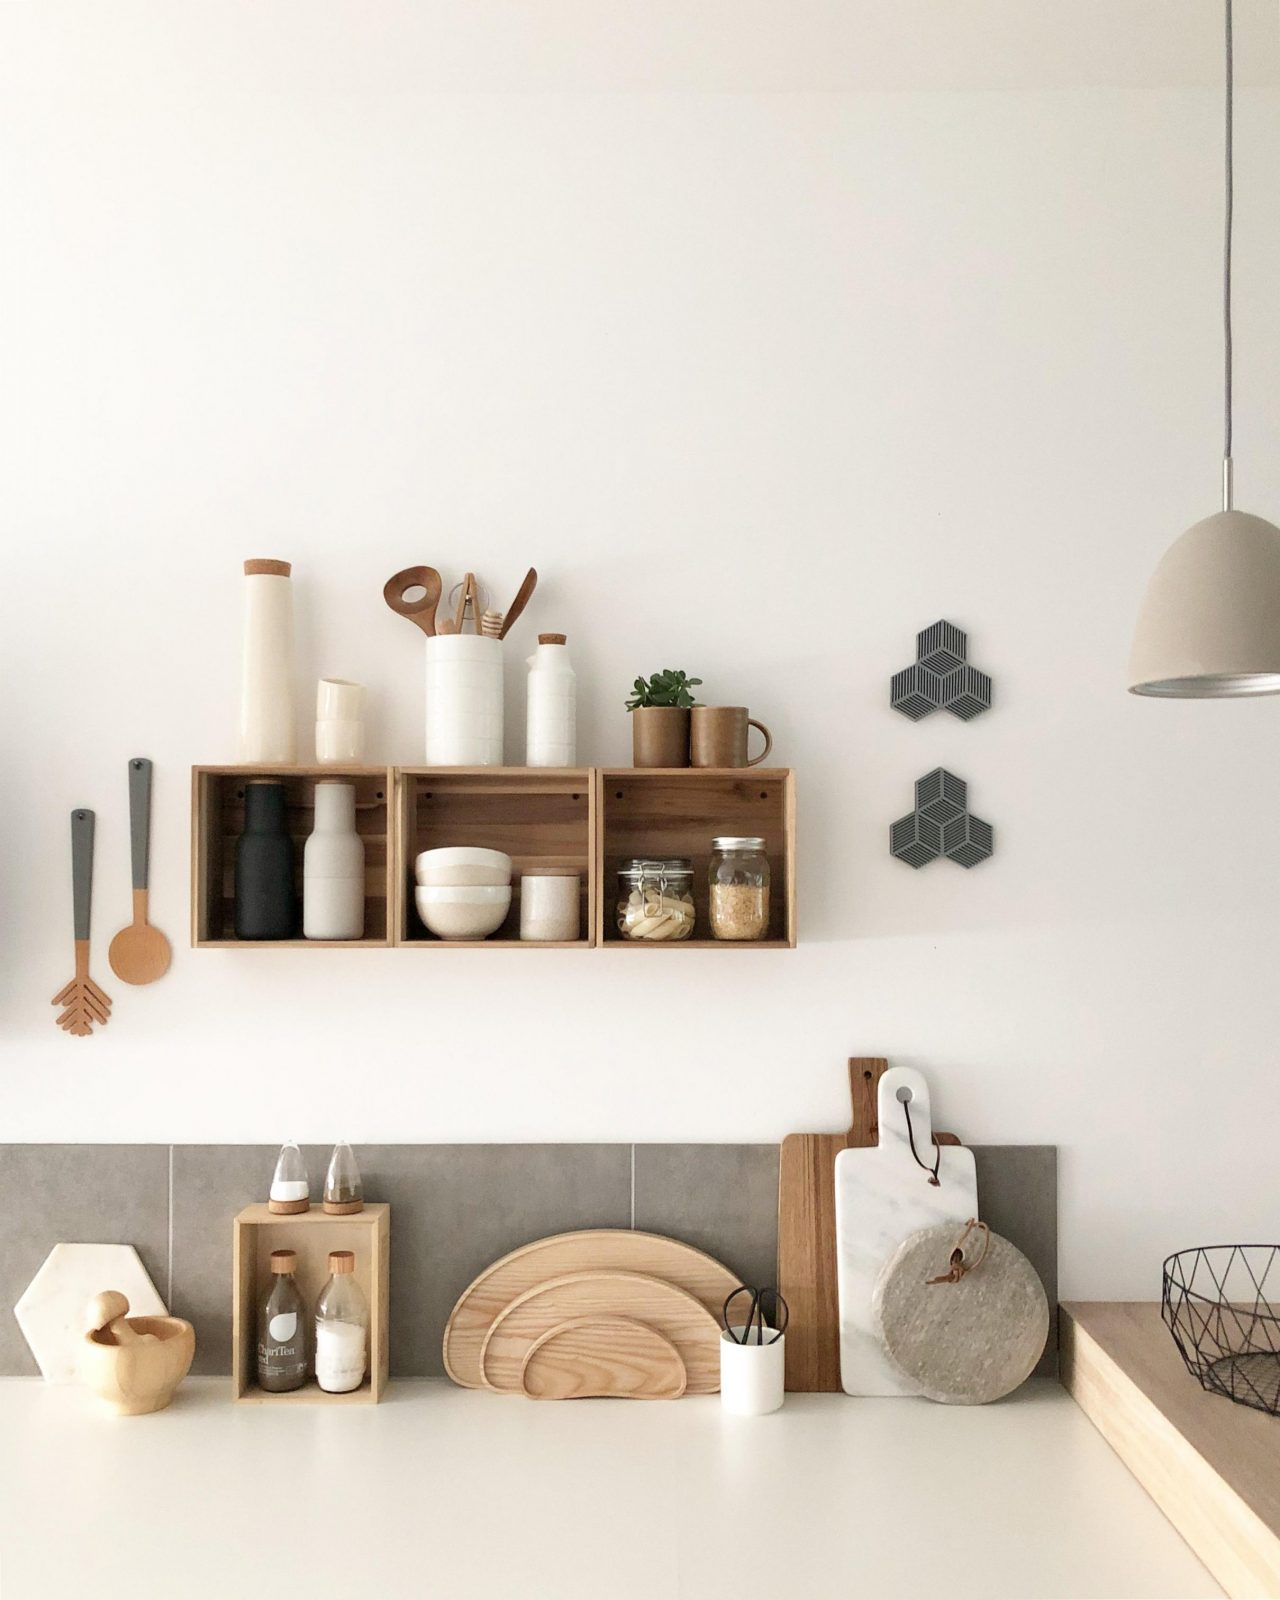 Wandregal Ideen So Schaffst Du Dekorativen Stauraum von Ikea Wandregal Weiß Küche Photo